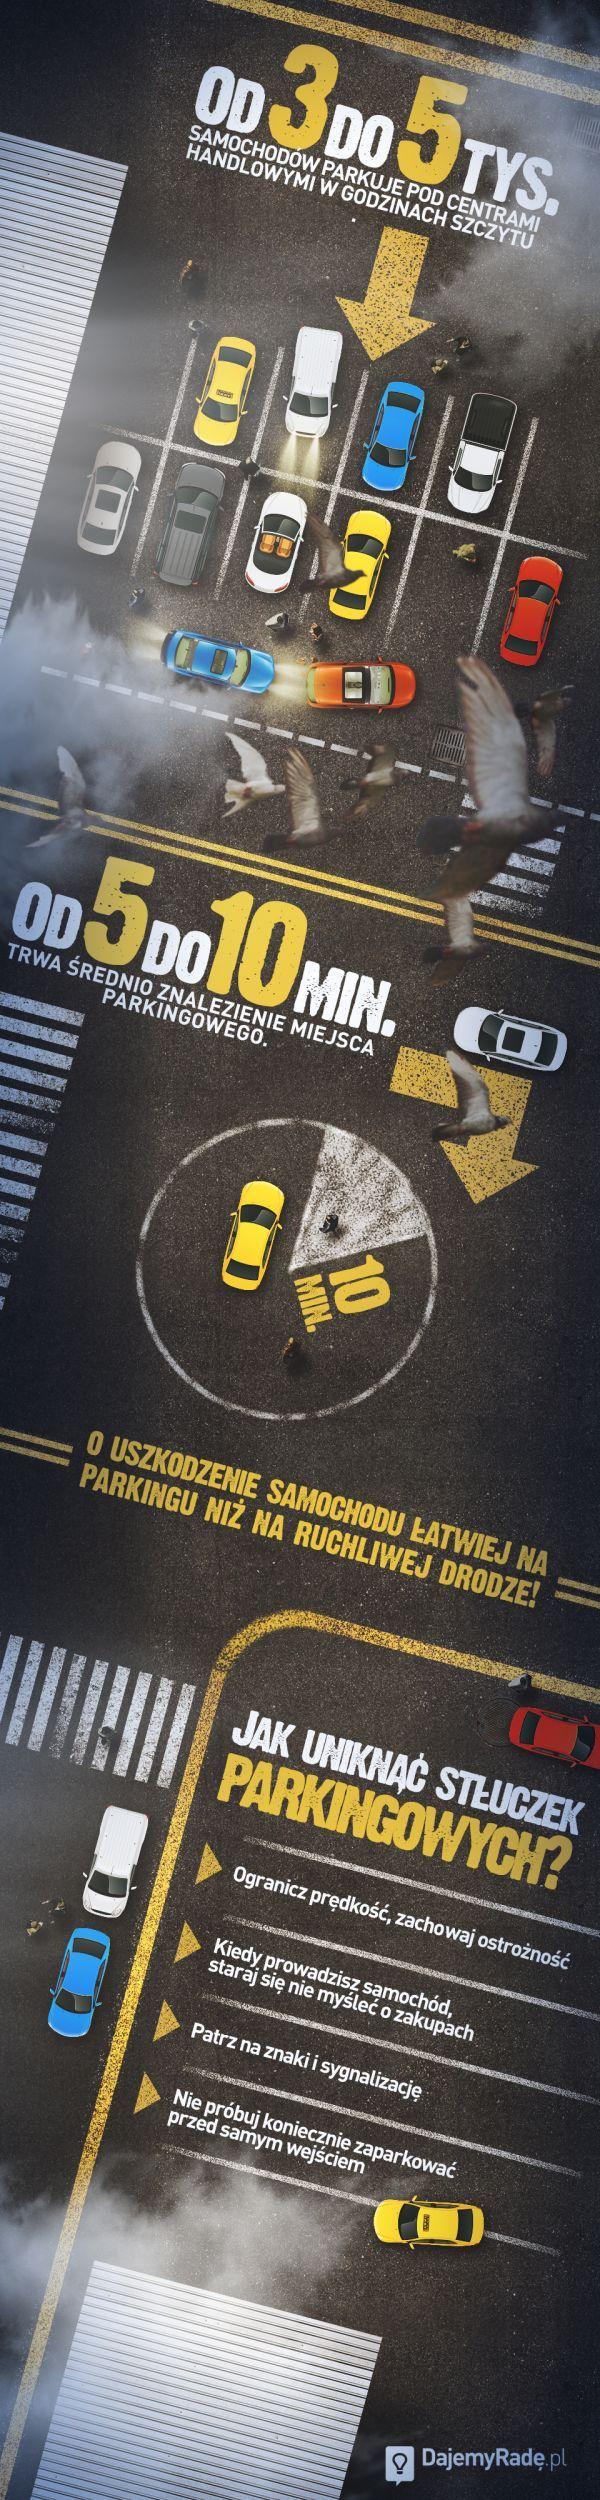 Czy wiesz, że o stłuczkę łatwiej na parkingu pod centrum handlowym niż na ruchliwej drodze?